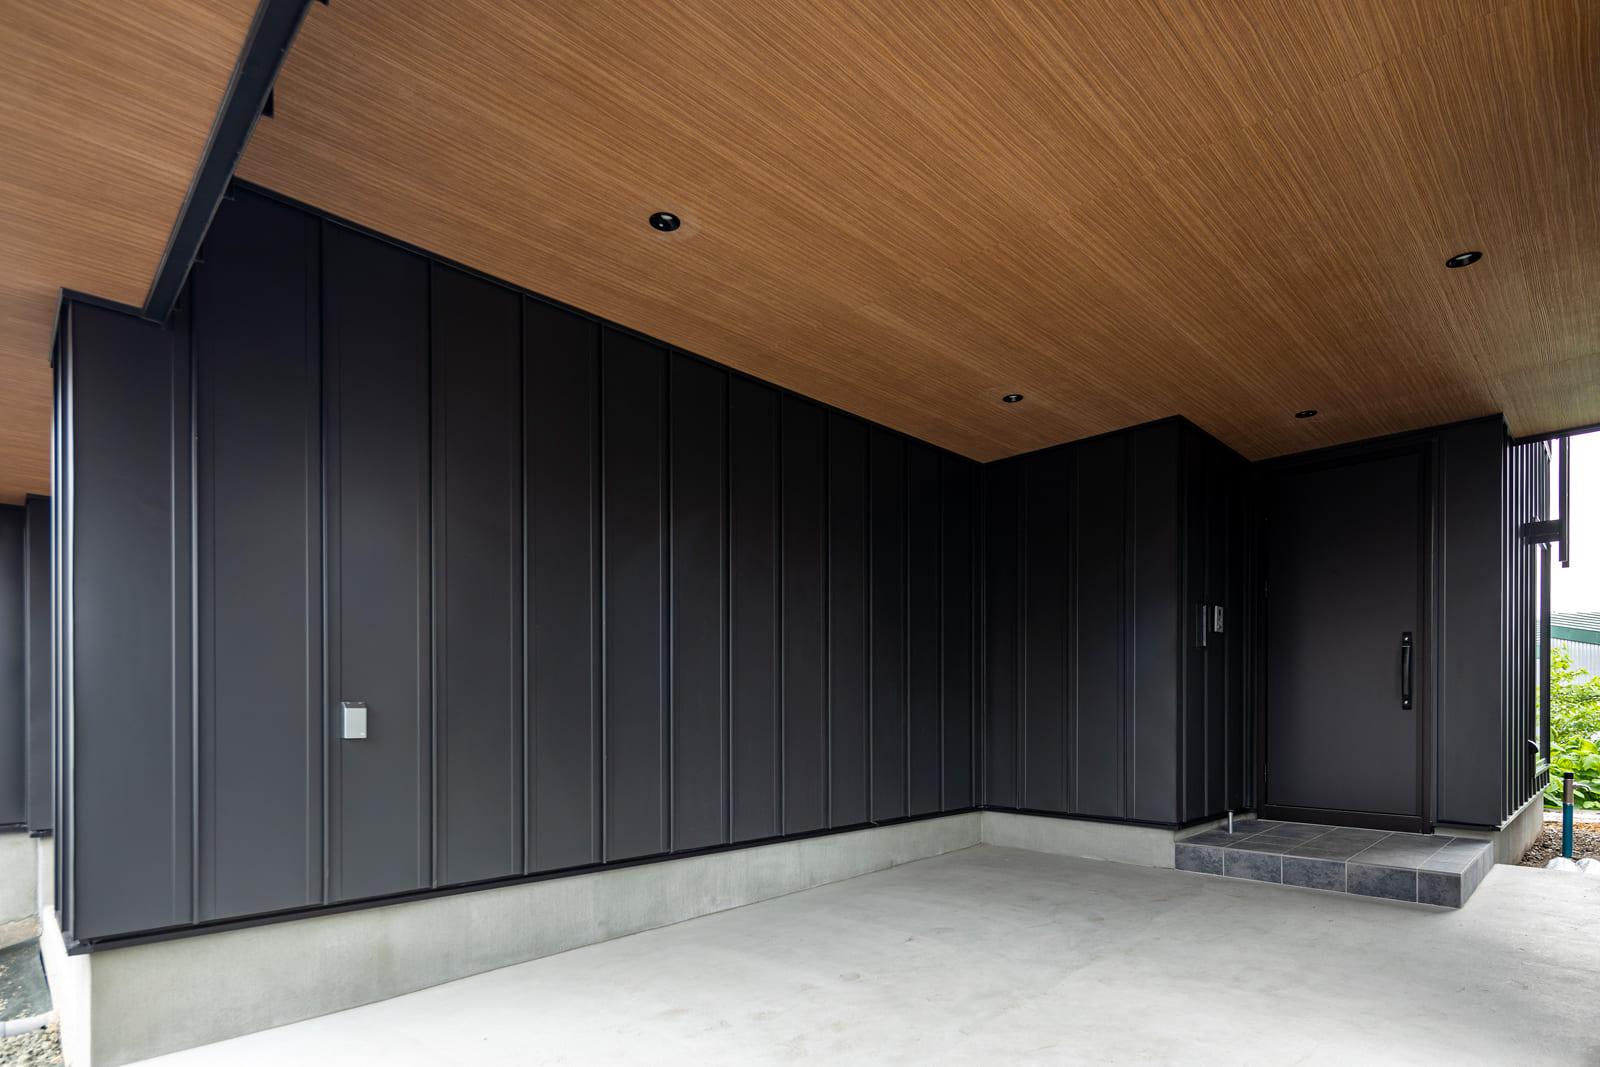 屋内ガレージに1台と玄関前の計2台分の駐車スペースを確保。天井には木調の軒天材を採用